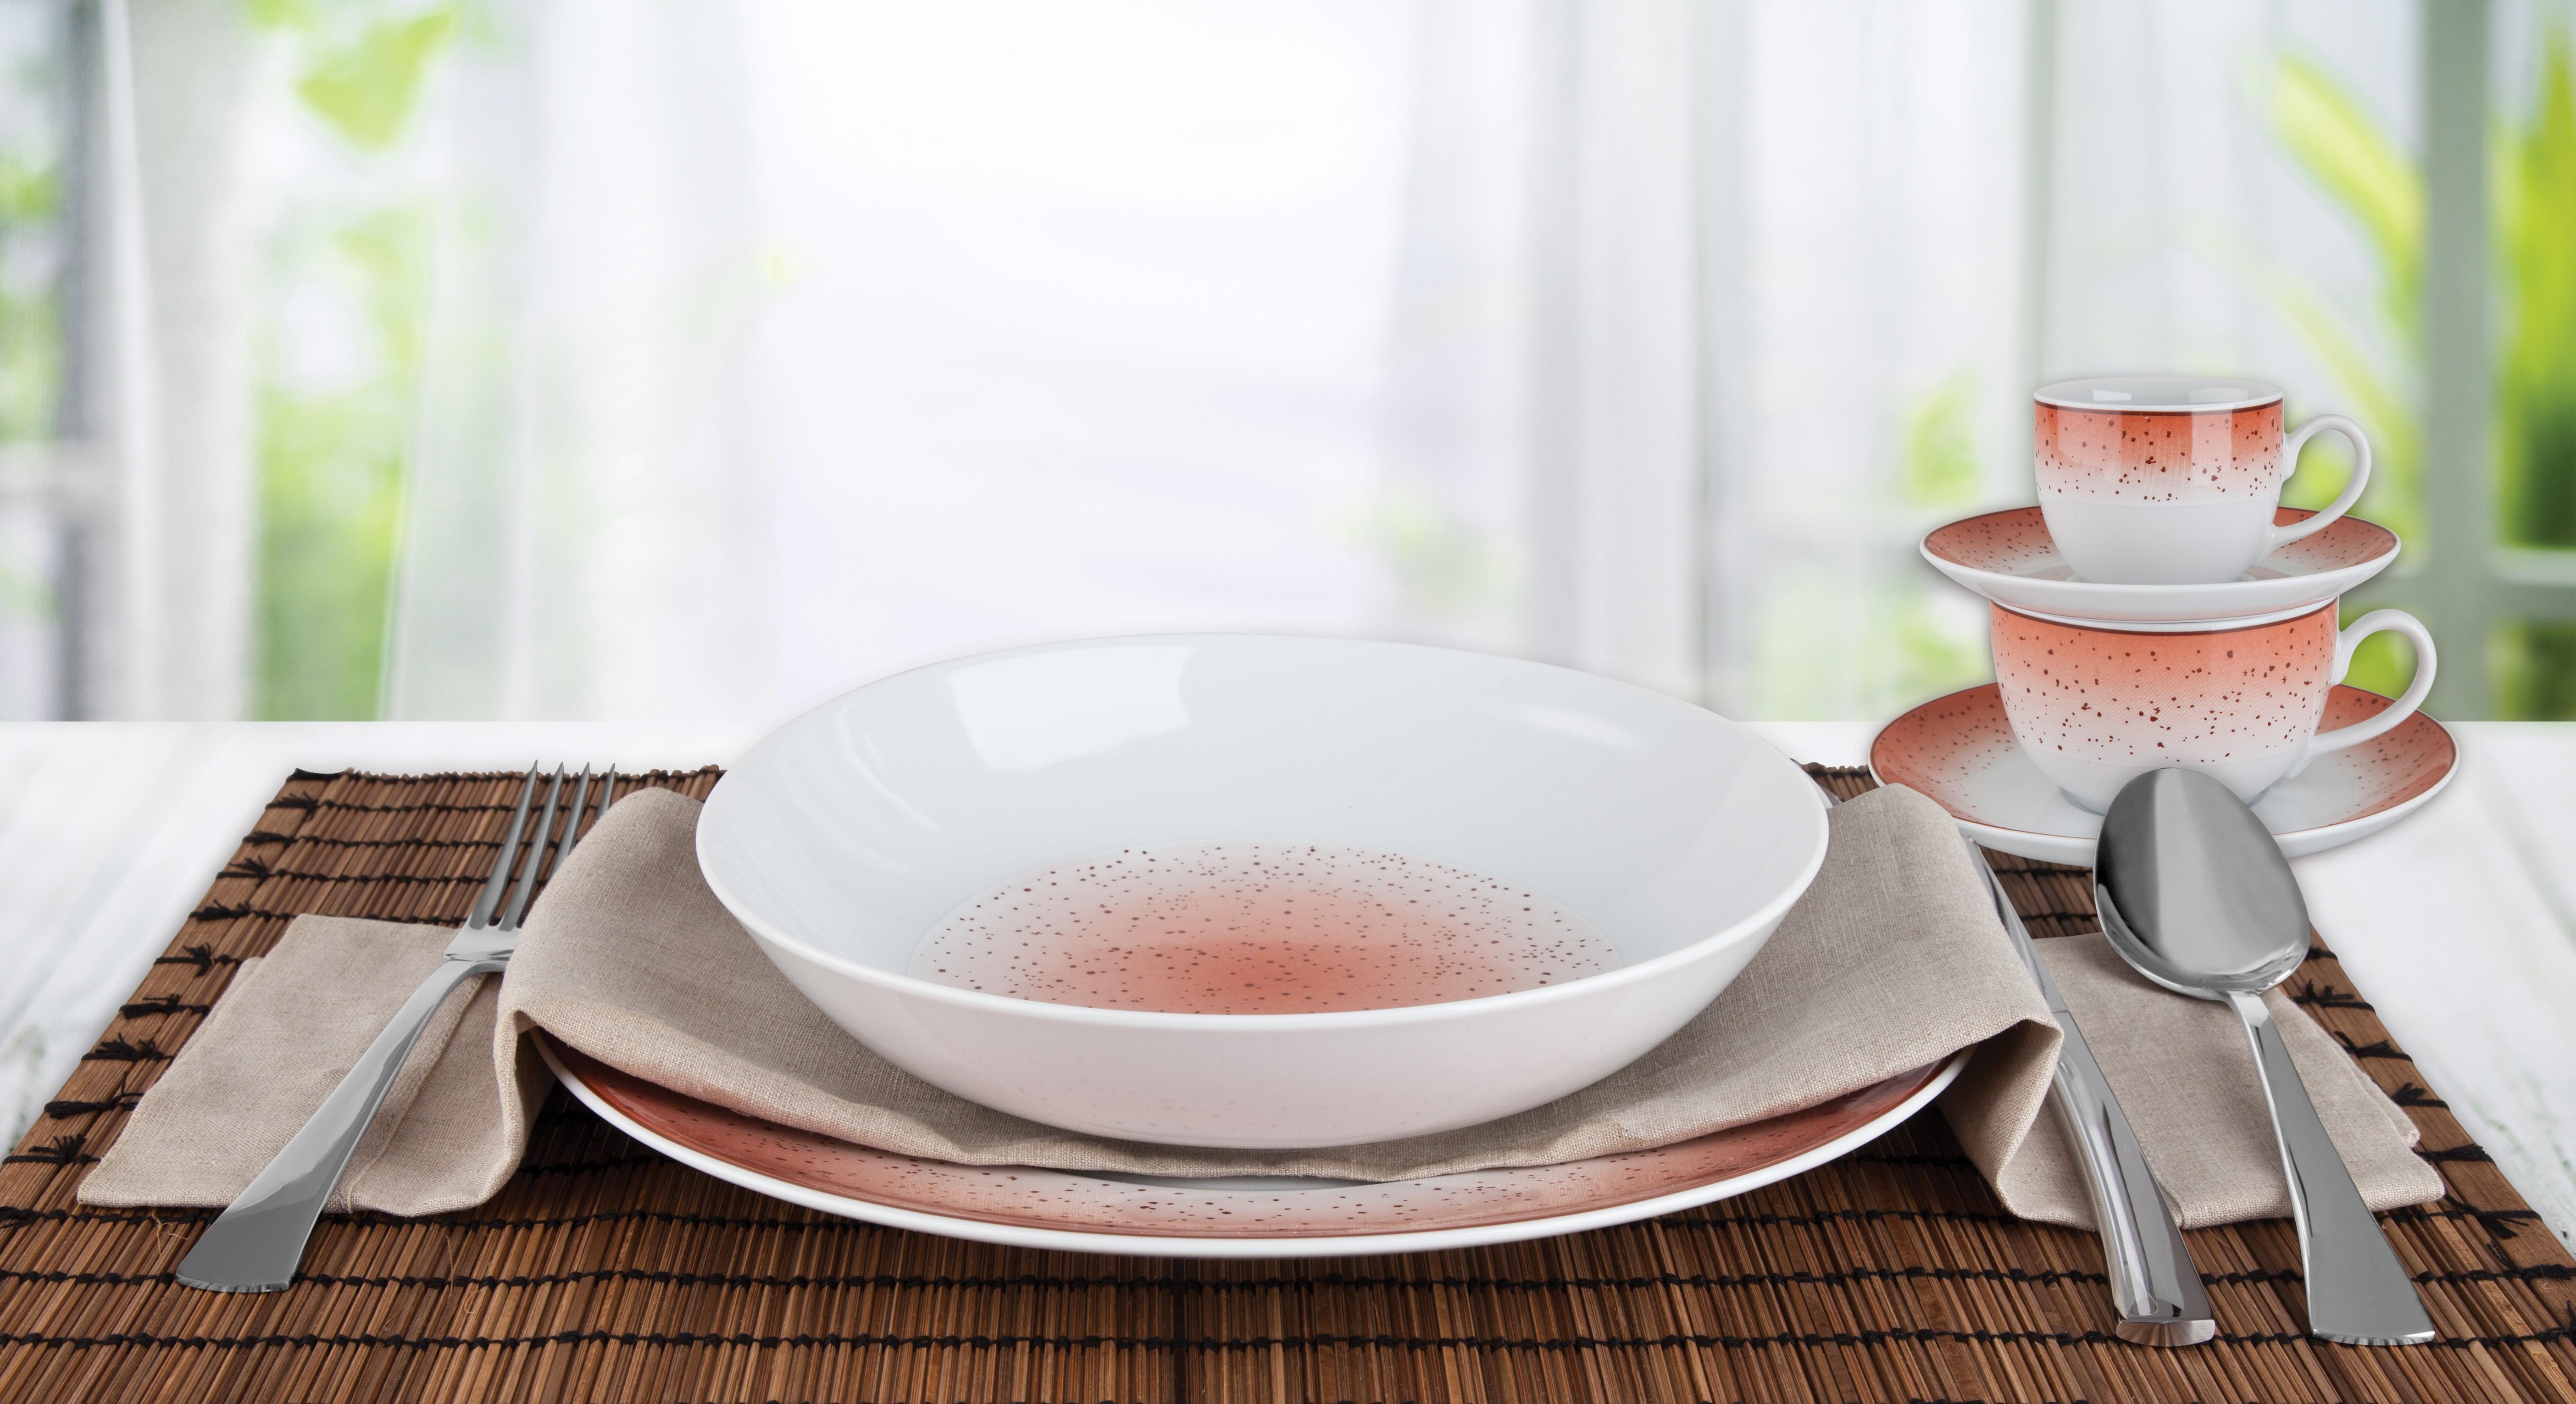 Σερβίτσιο Φαγητού Metamorphosis Red 20τμχ. Ionia home   ειδη σερβιρισματος   πιάτα   σερβίτσια